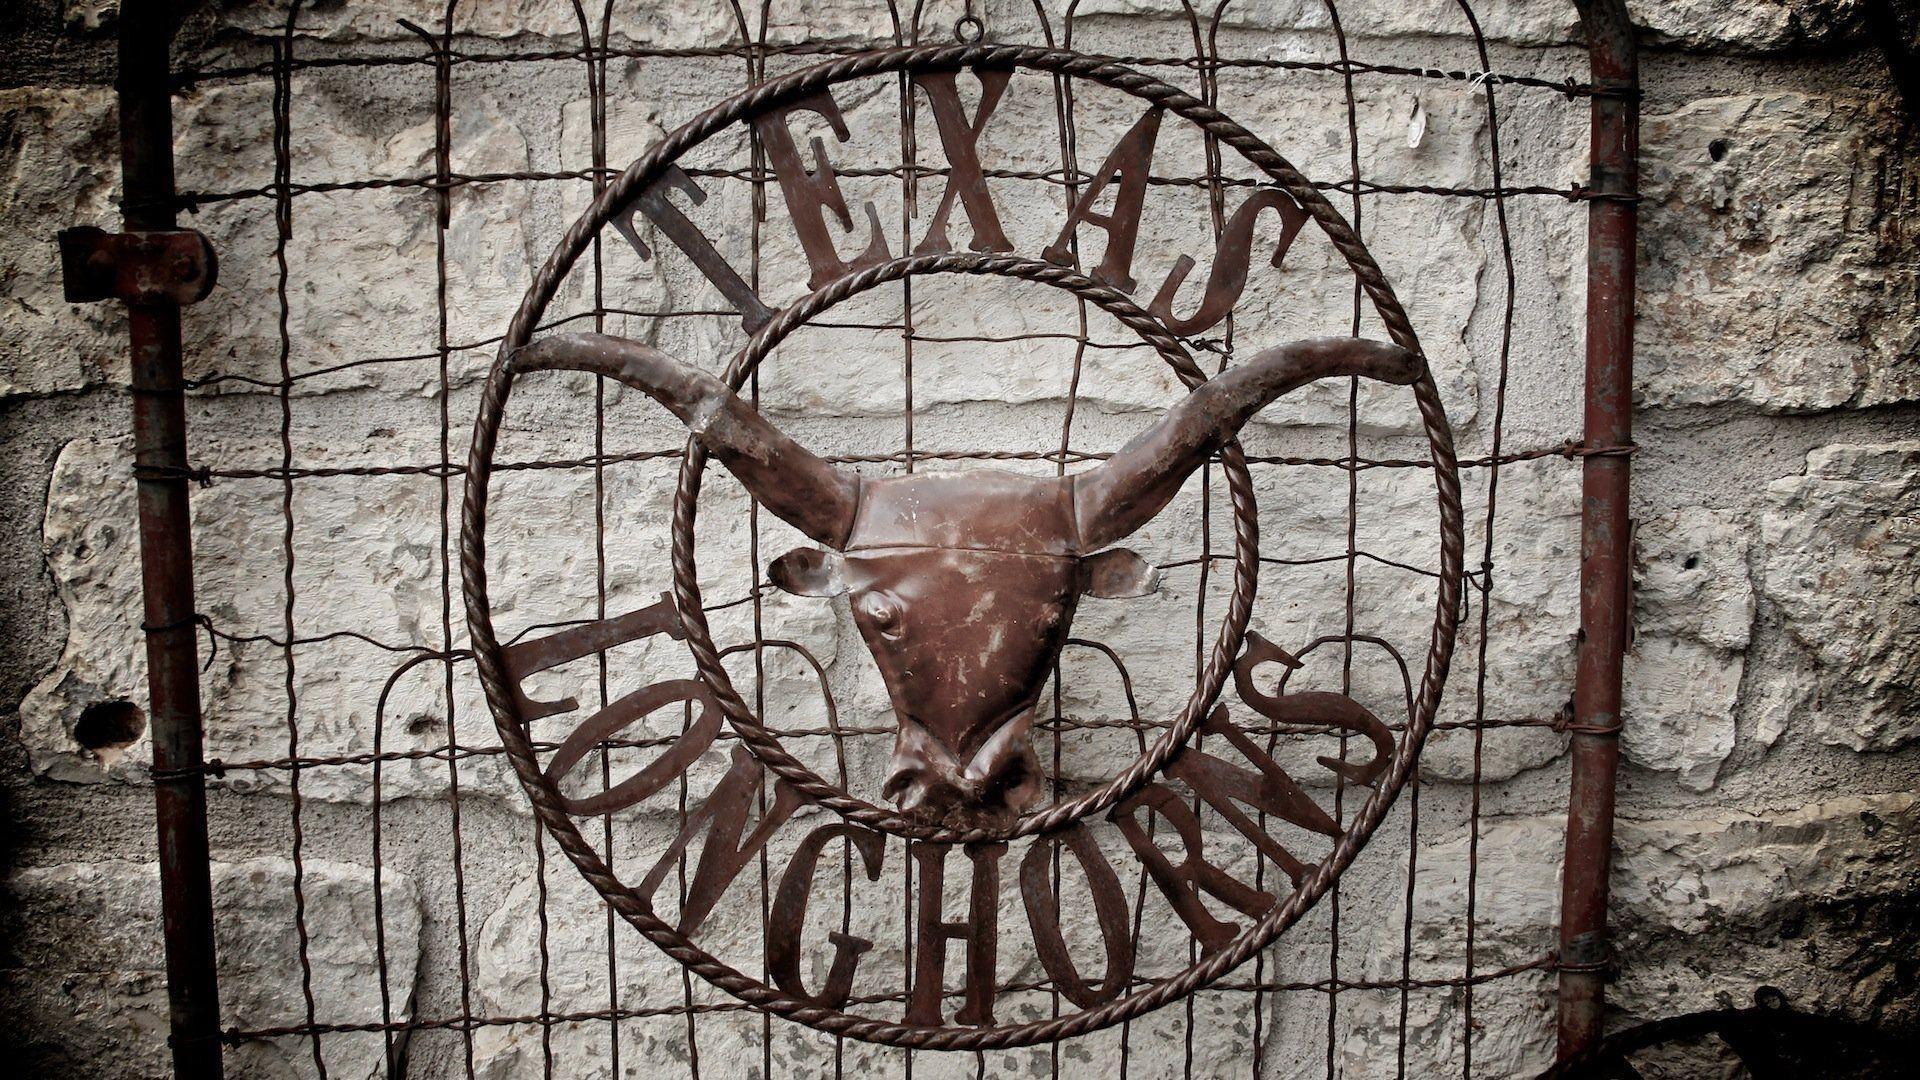 Texas Longhorn Desktop Wallpaper Texas Longhorns Image Texas 1920×1200 Texas  Longhorns Logo Wallpapers (